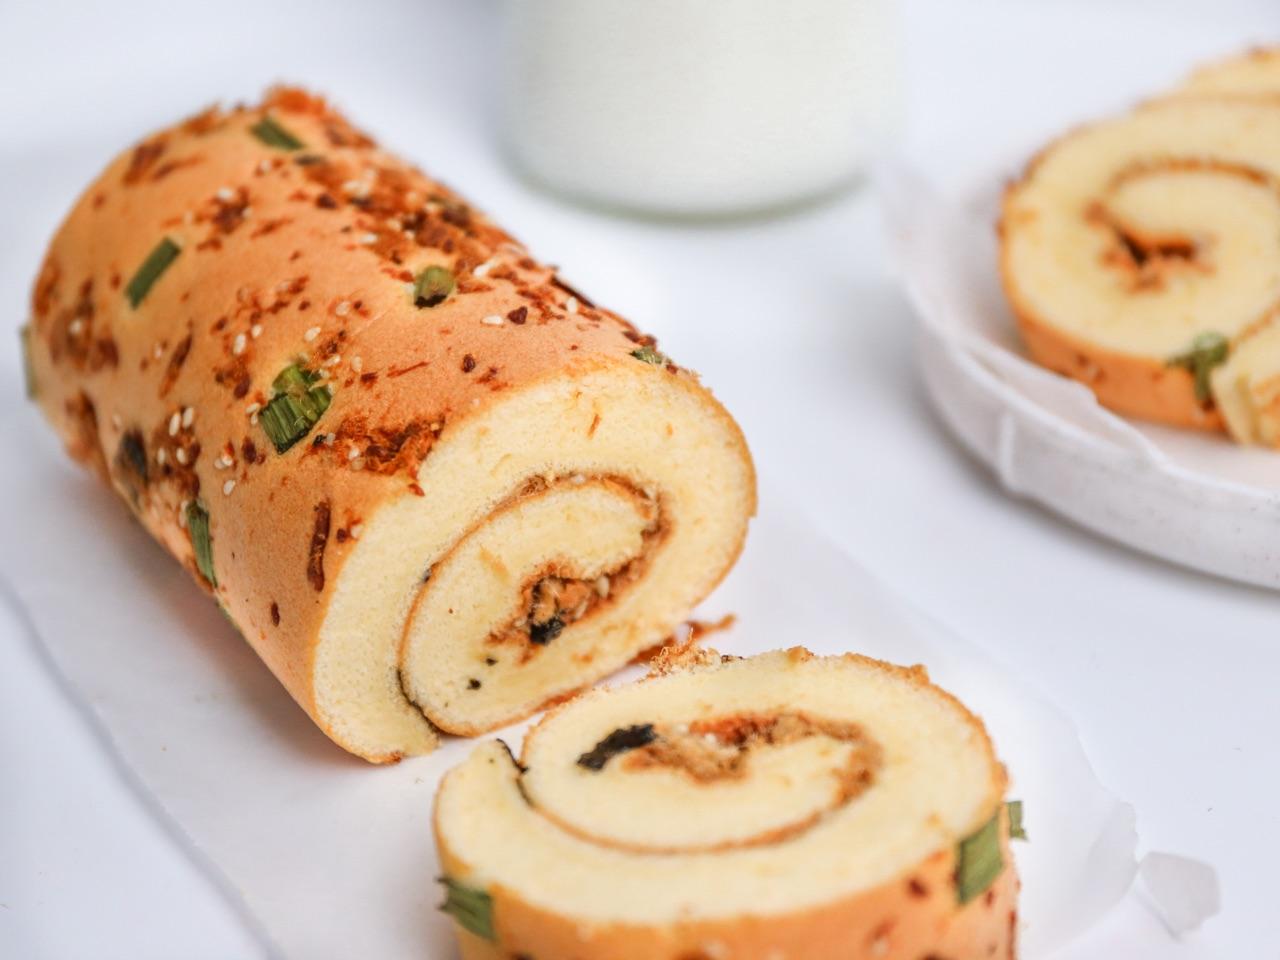 教你做超糕点的肉松蛋糕卷稻香村美味6斤装多钱一盒图片